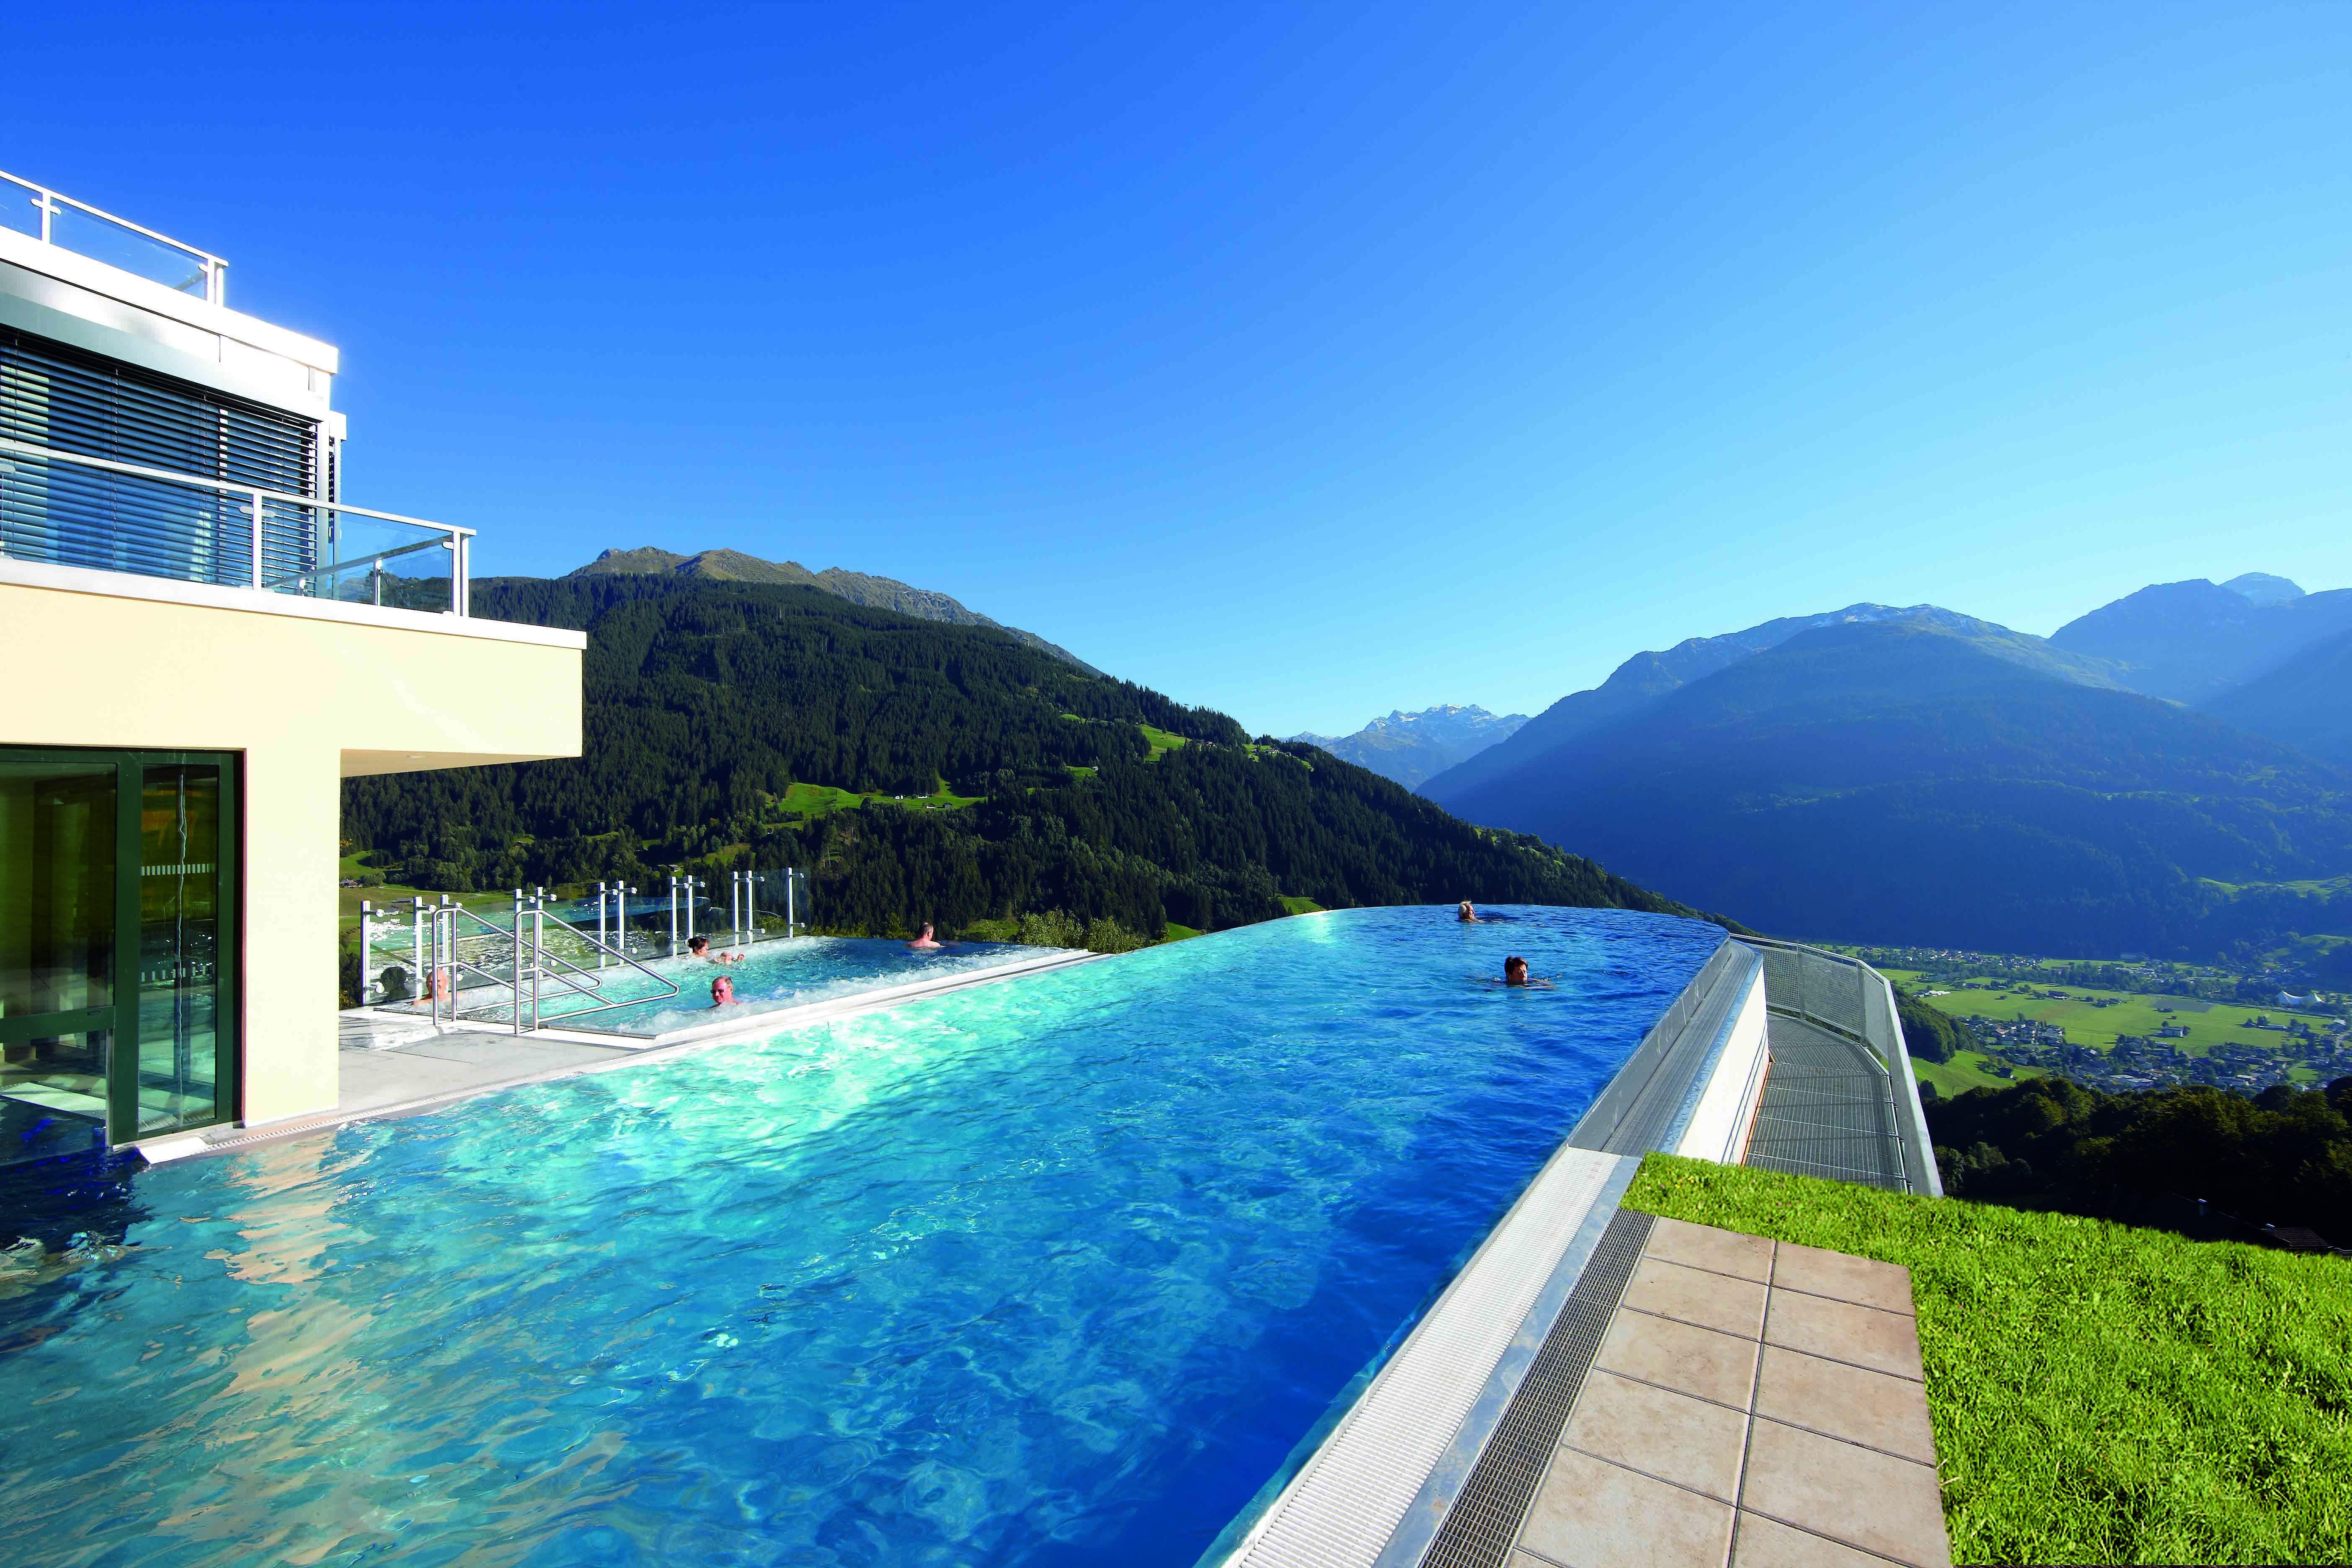 Der winter im montafon wird spektakul r bild for Camping autriche avec piscine